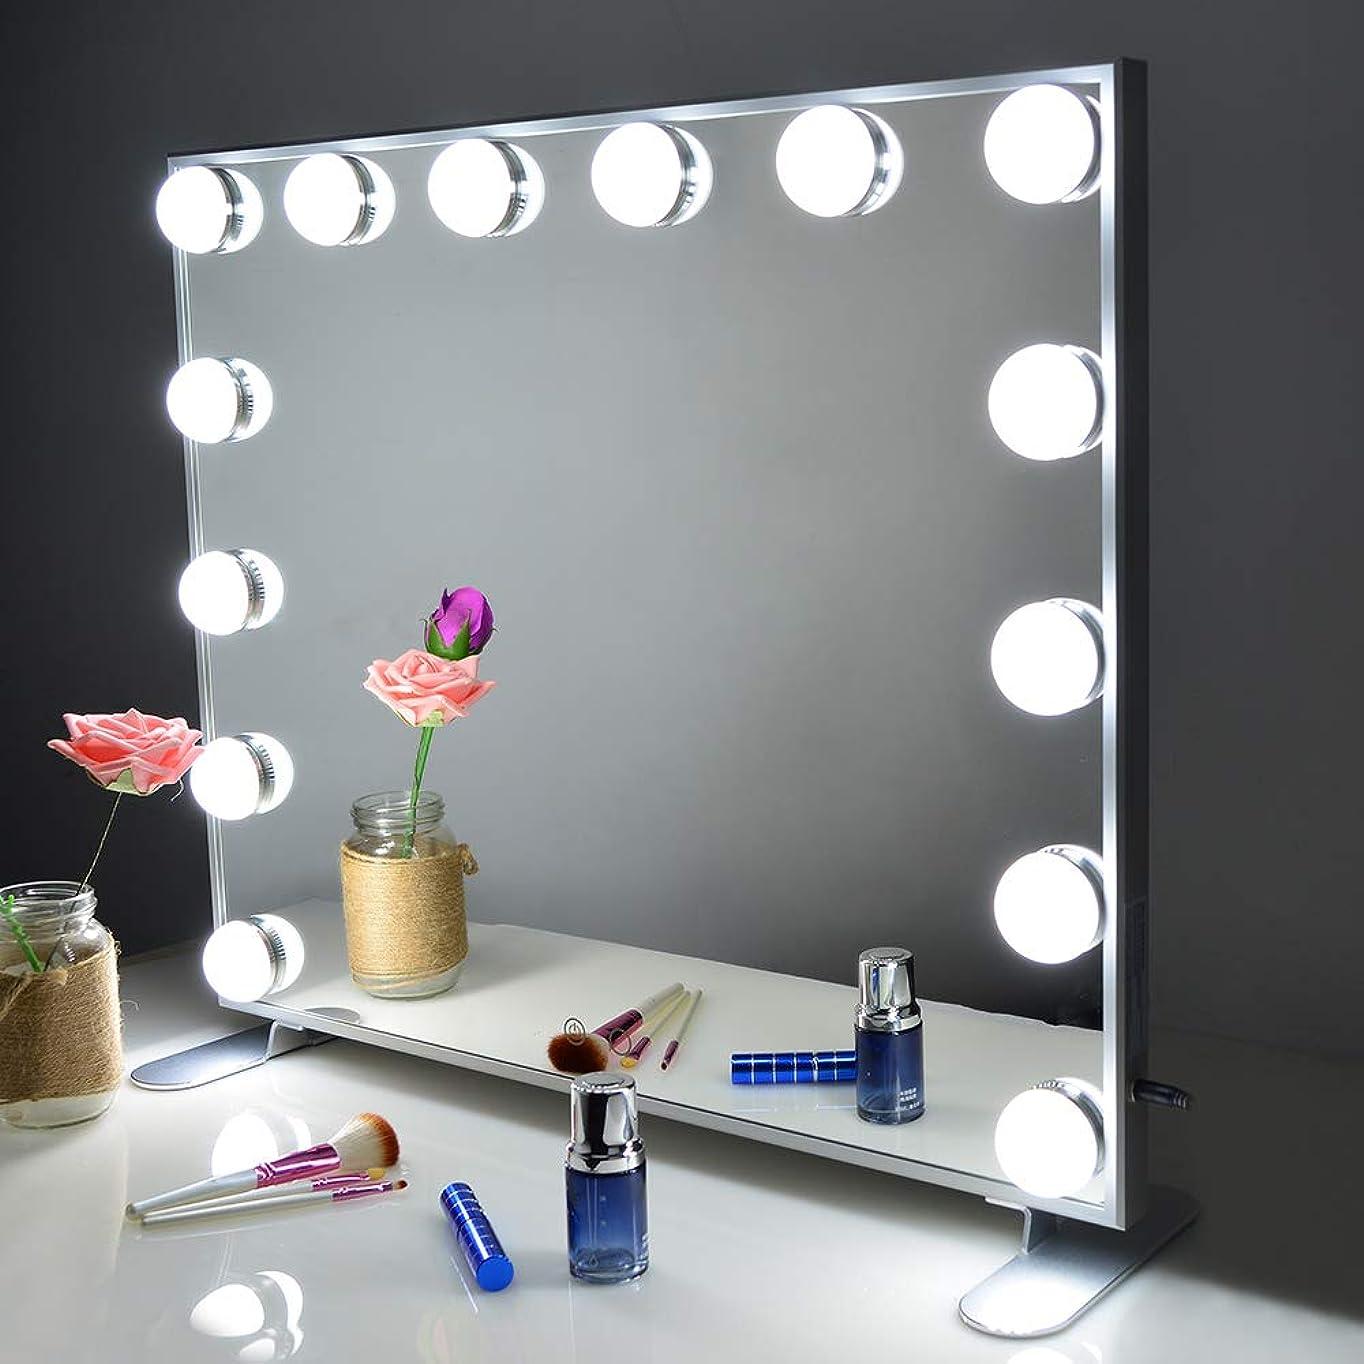 ハンサムタバコ良心Wonstart 女優ミラー 化粧鏡 ハリウッドスタイル 14個LED電球付き 暖色?寒色 2色ライトモード 明るさ調節可能 女優ライト 卓上 LEDミラー ドレッサー/化粧台適用(シルバー)